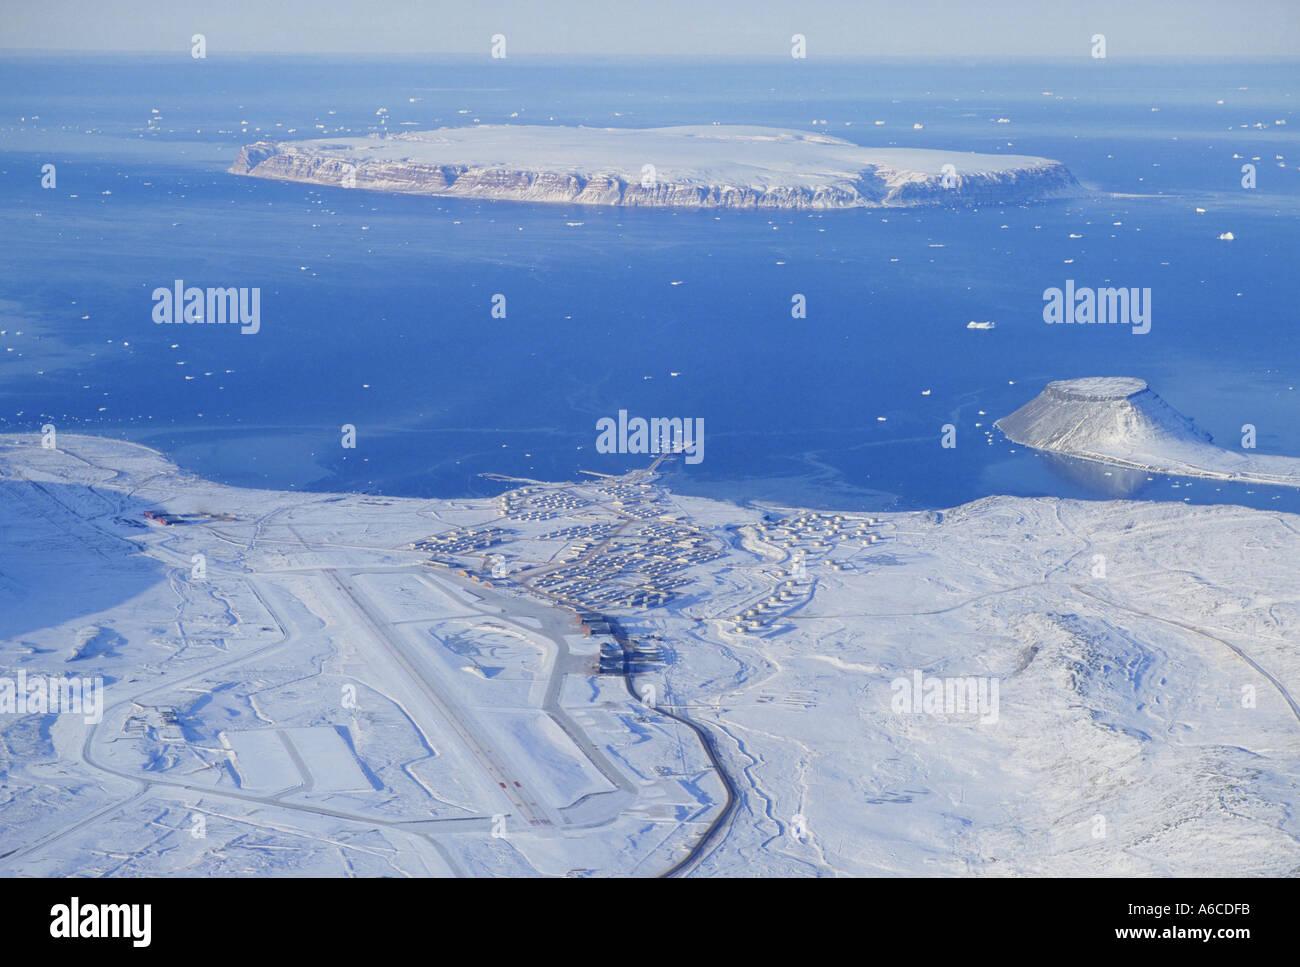 Base aérienne de Thulé au Groenland à l'automne Banque D'Images